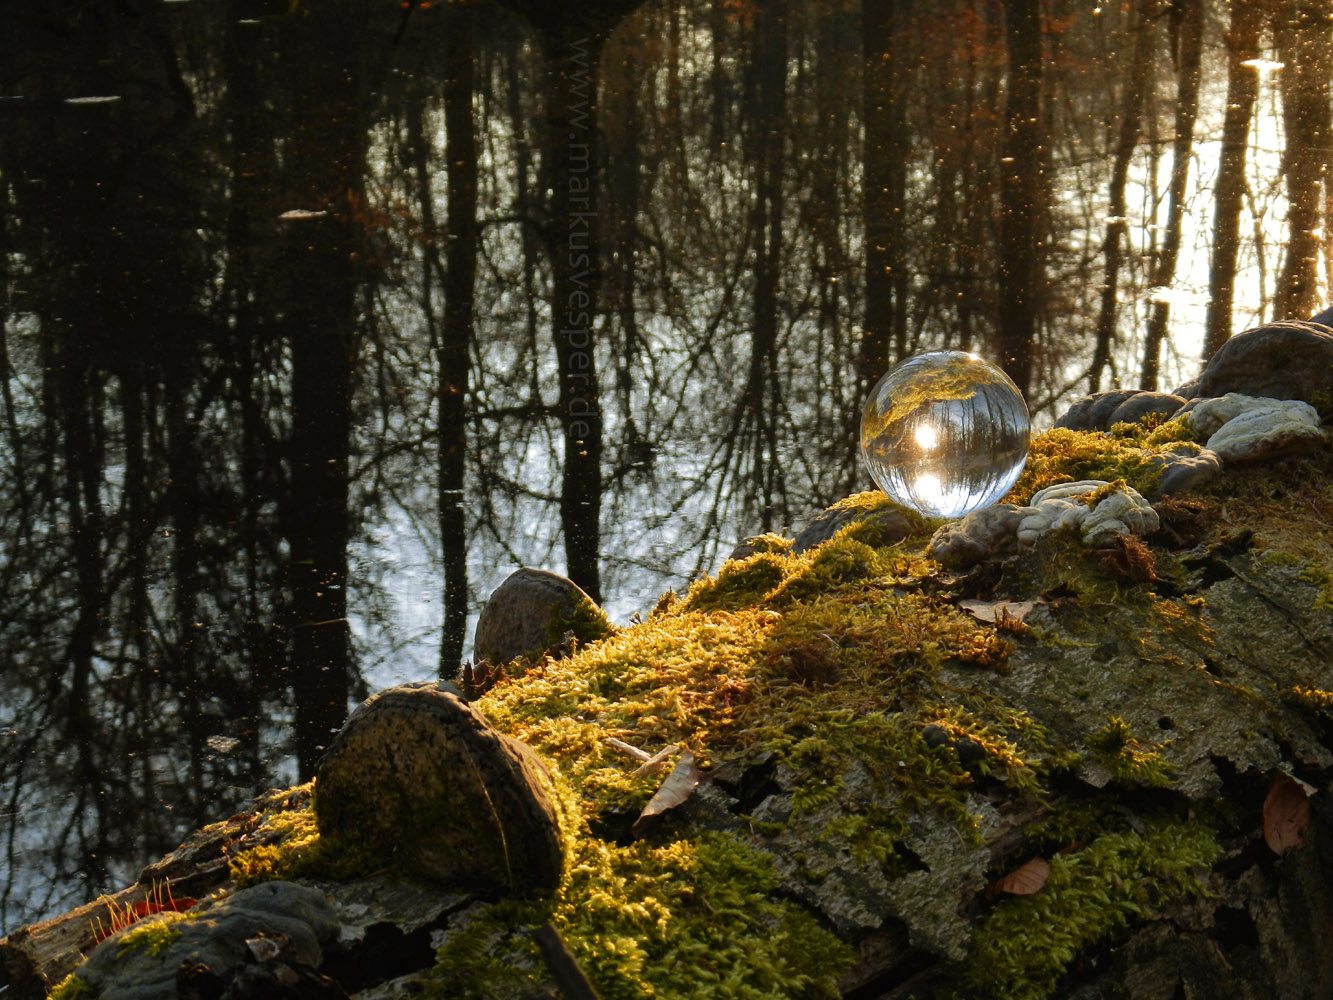 Sphere on mossy fallen tree by Acrylicdreams